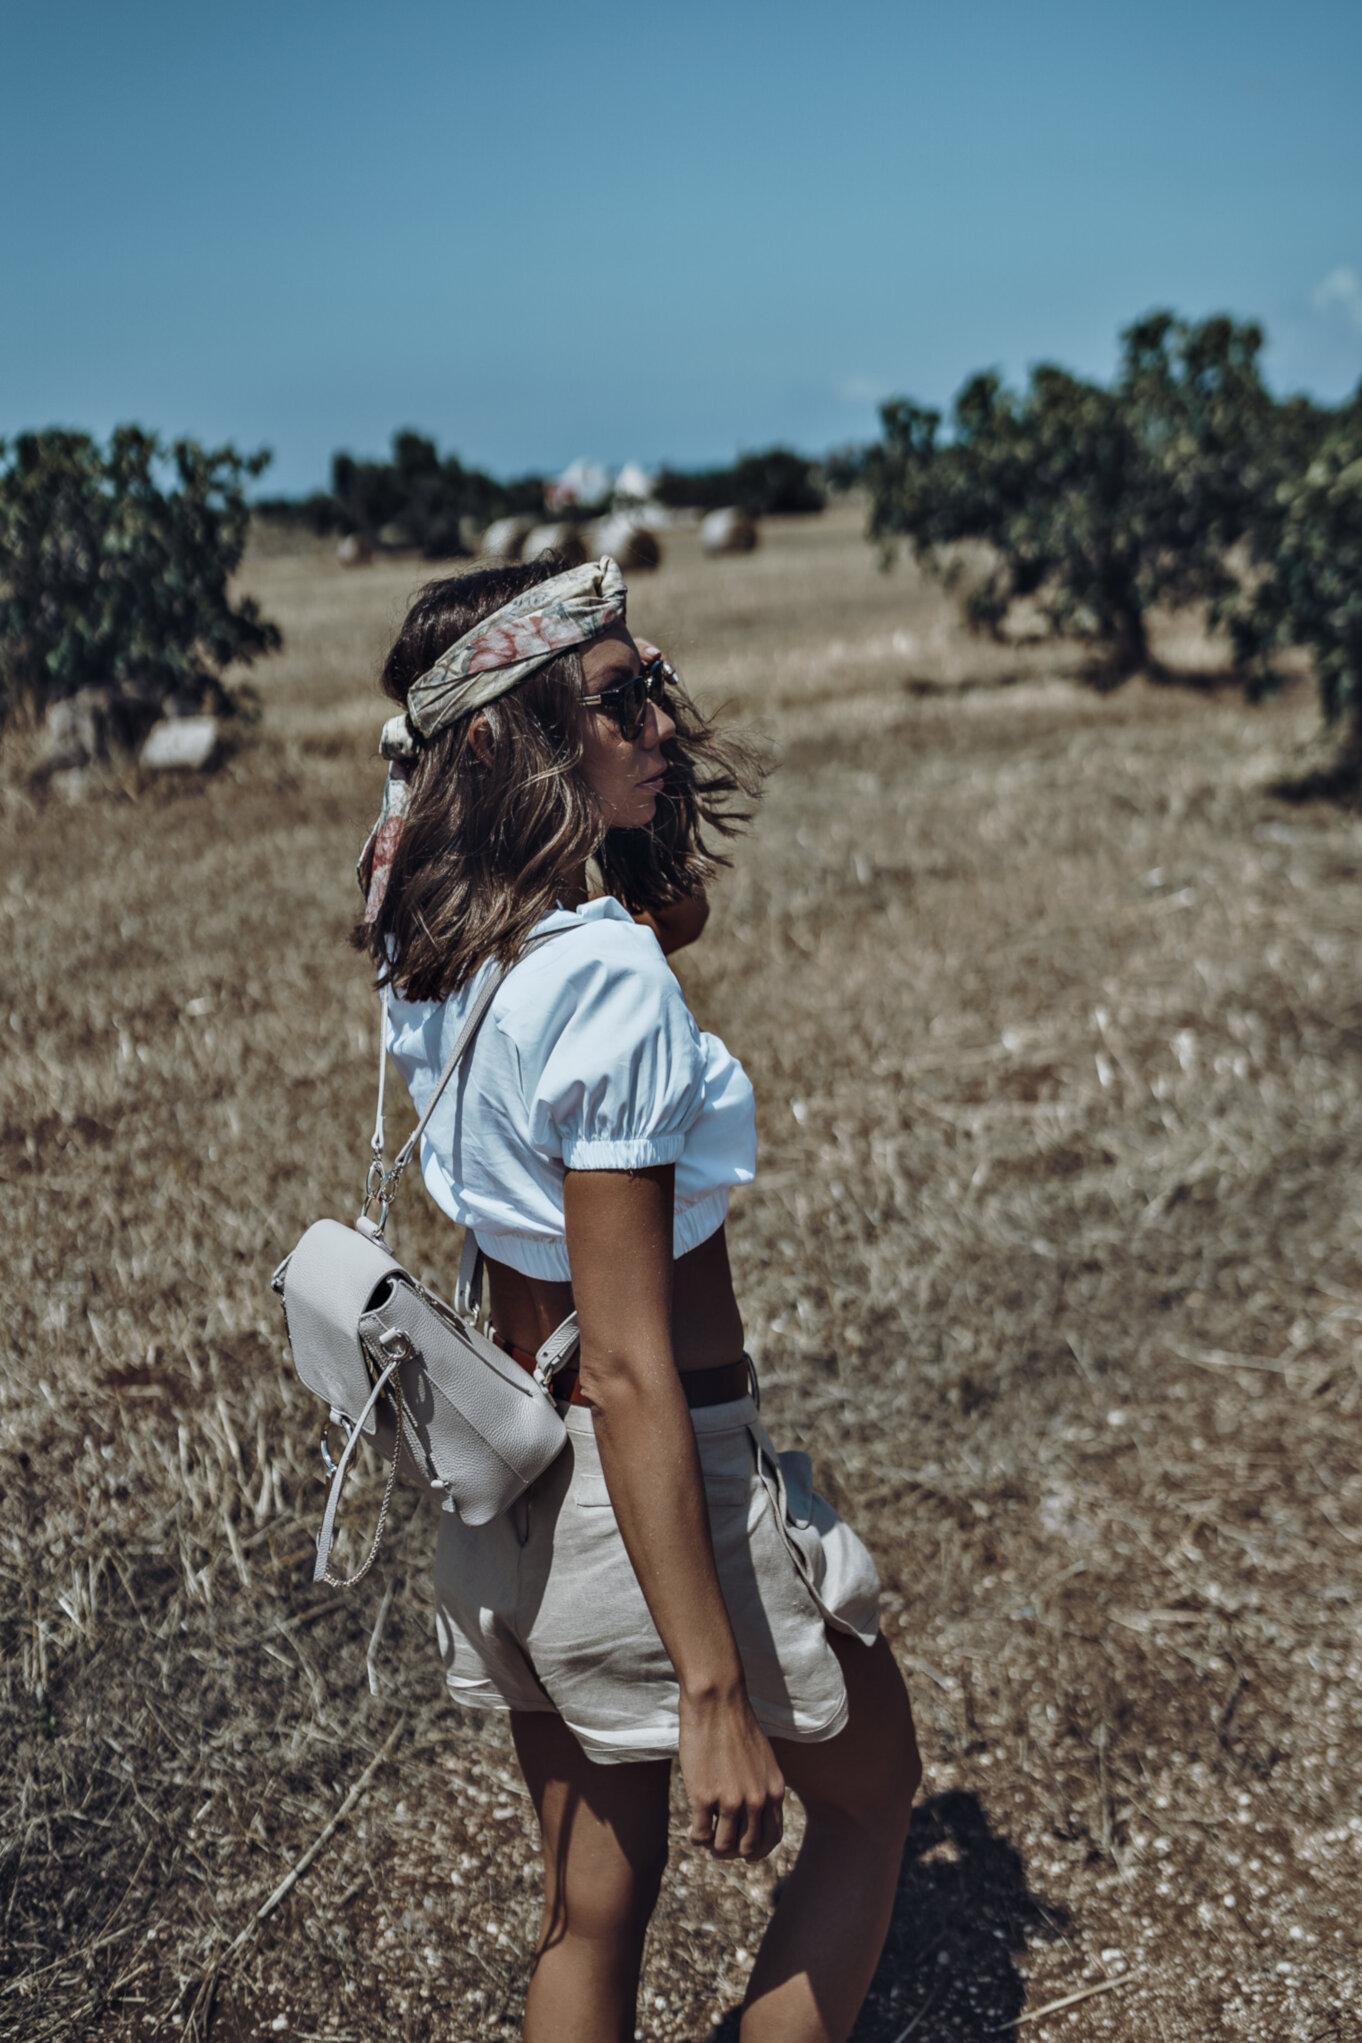 Okulary przeciwsłoneczne i kapelusz to konieczne dodatki w takie upalne włoskie dni